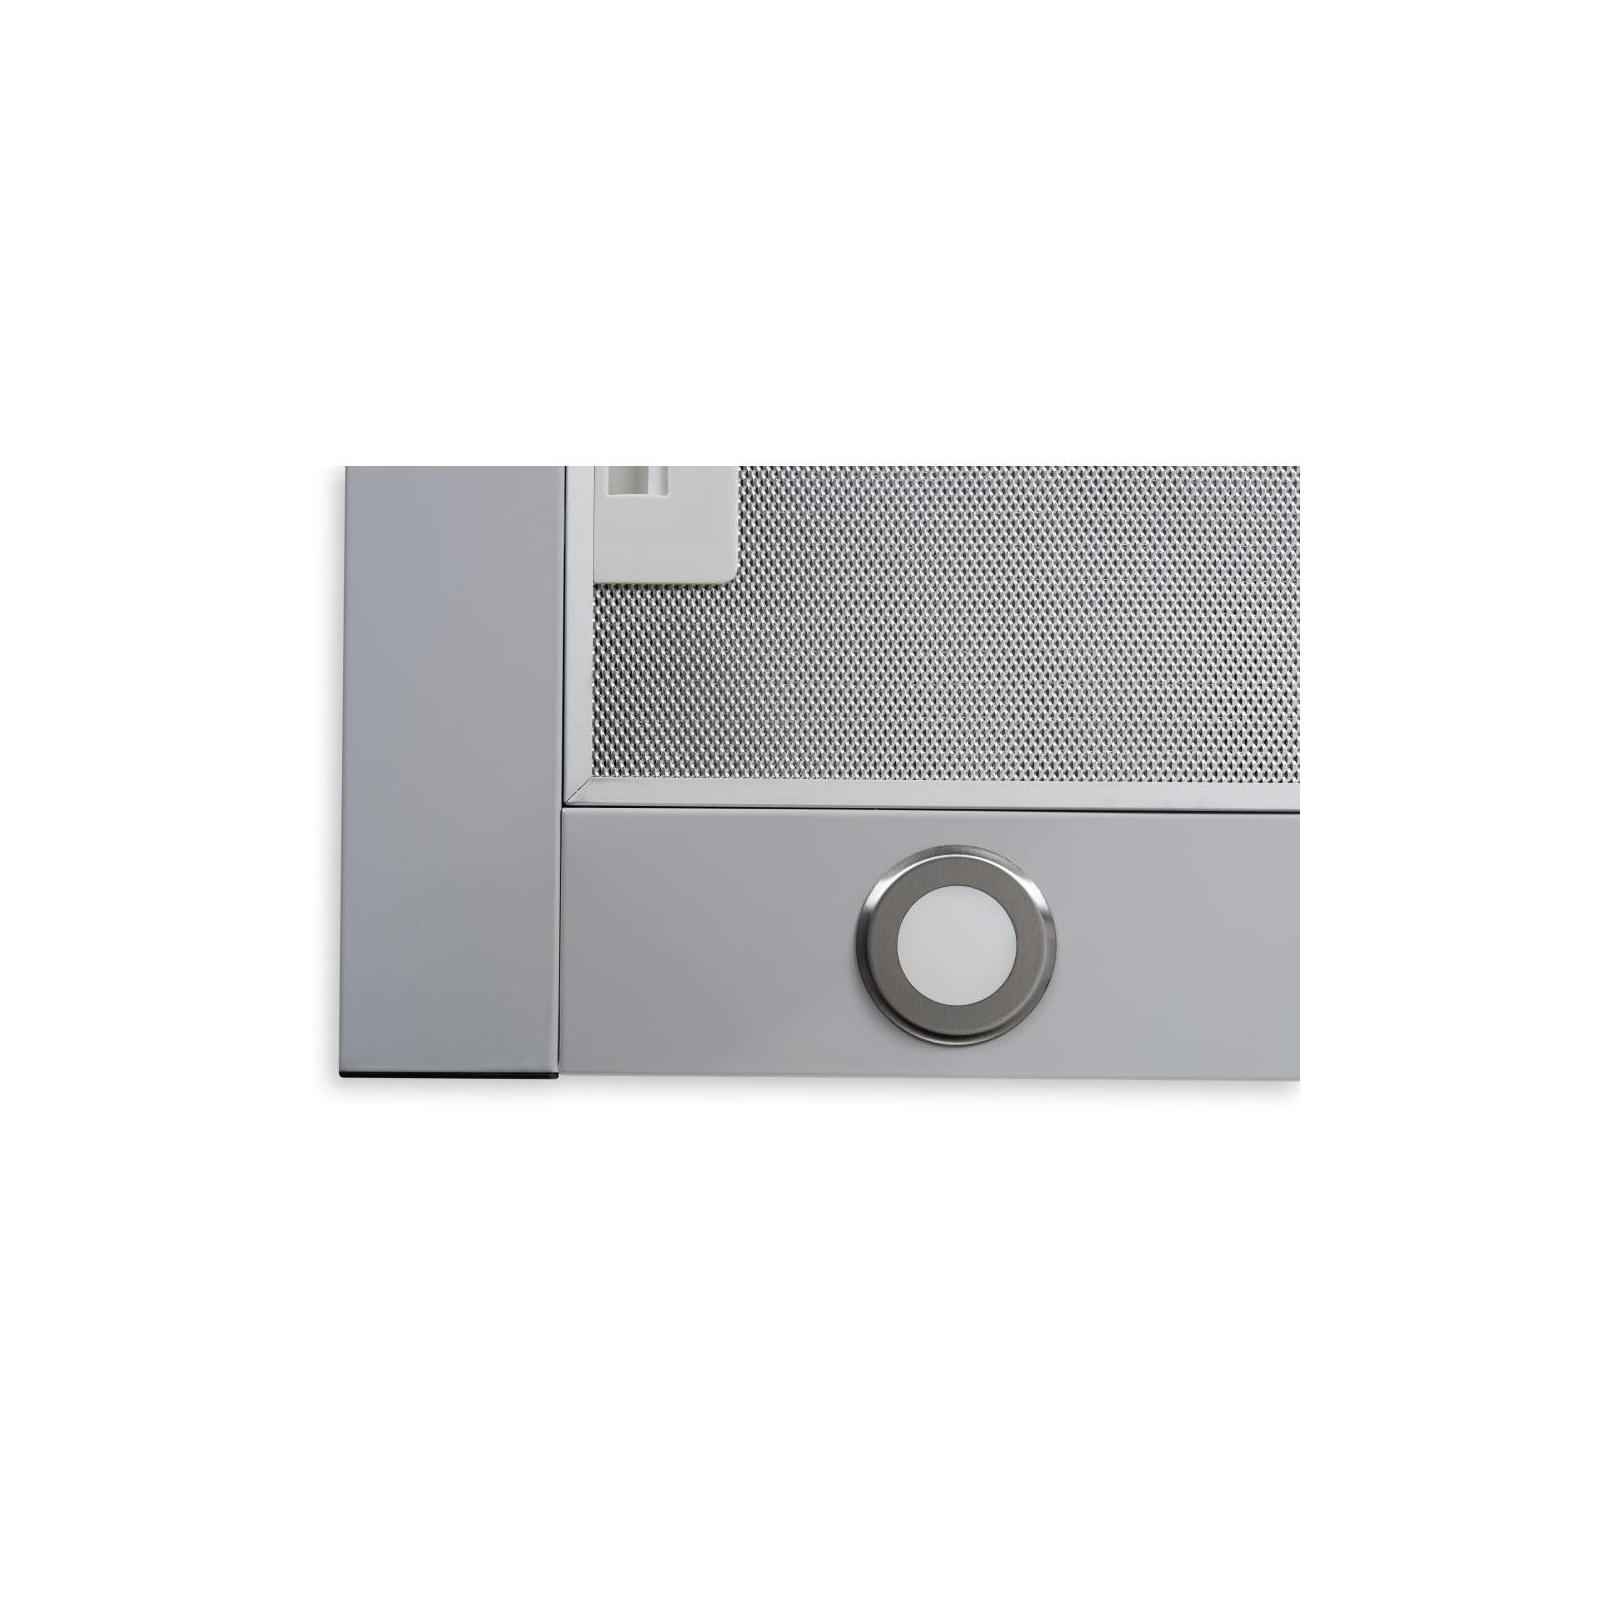 Вытяжка кухонная MINOLA HTL 6172 I/BL GLASS 650 LED изображение 7